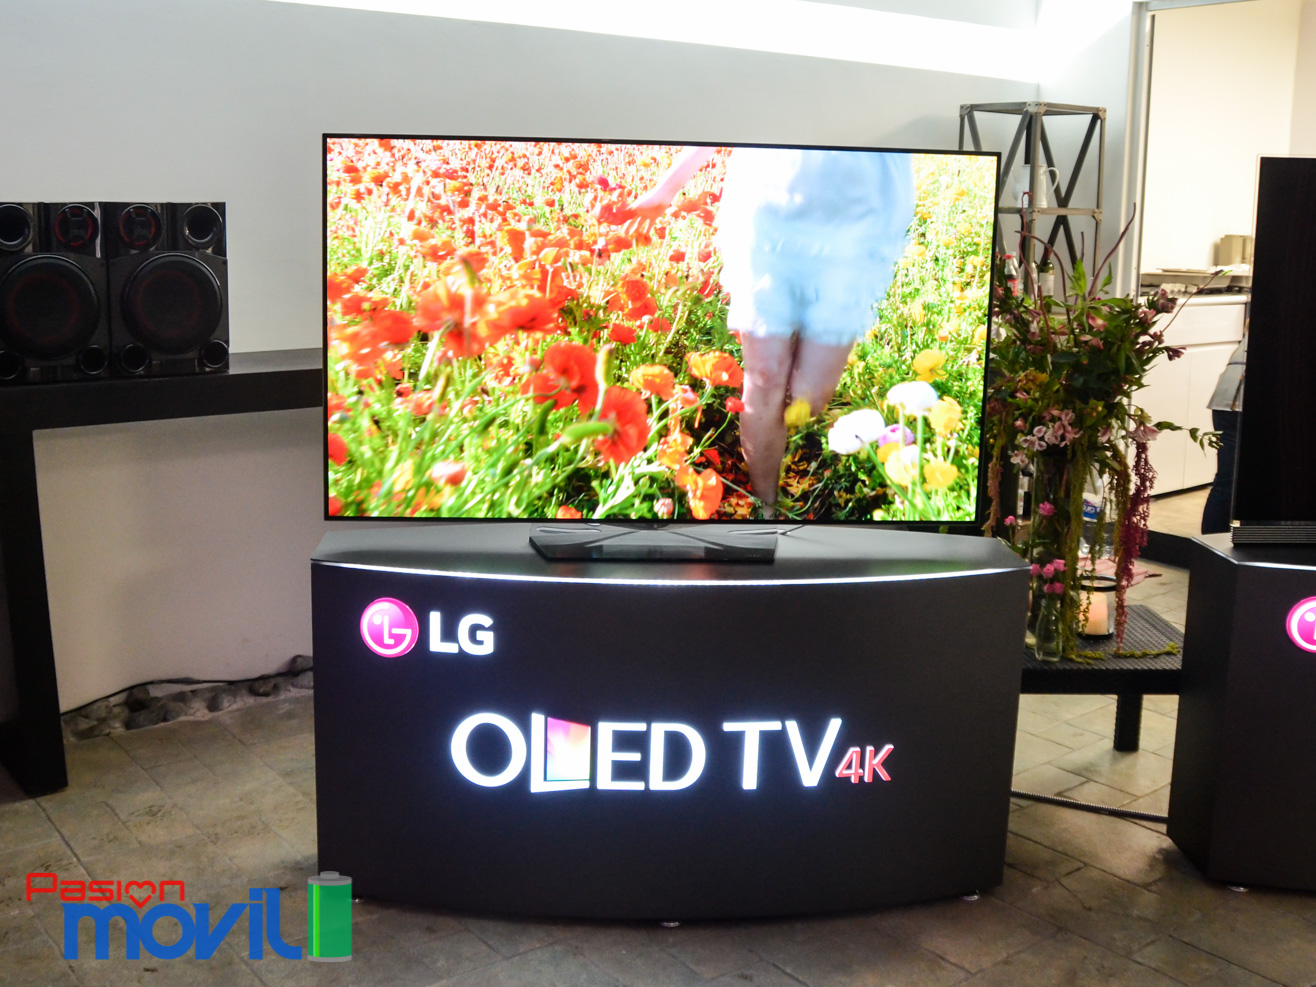 LG OLED 4K TV con HDR son las mejores televisiones para el mercado de consumo